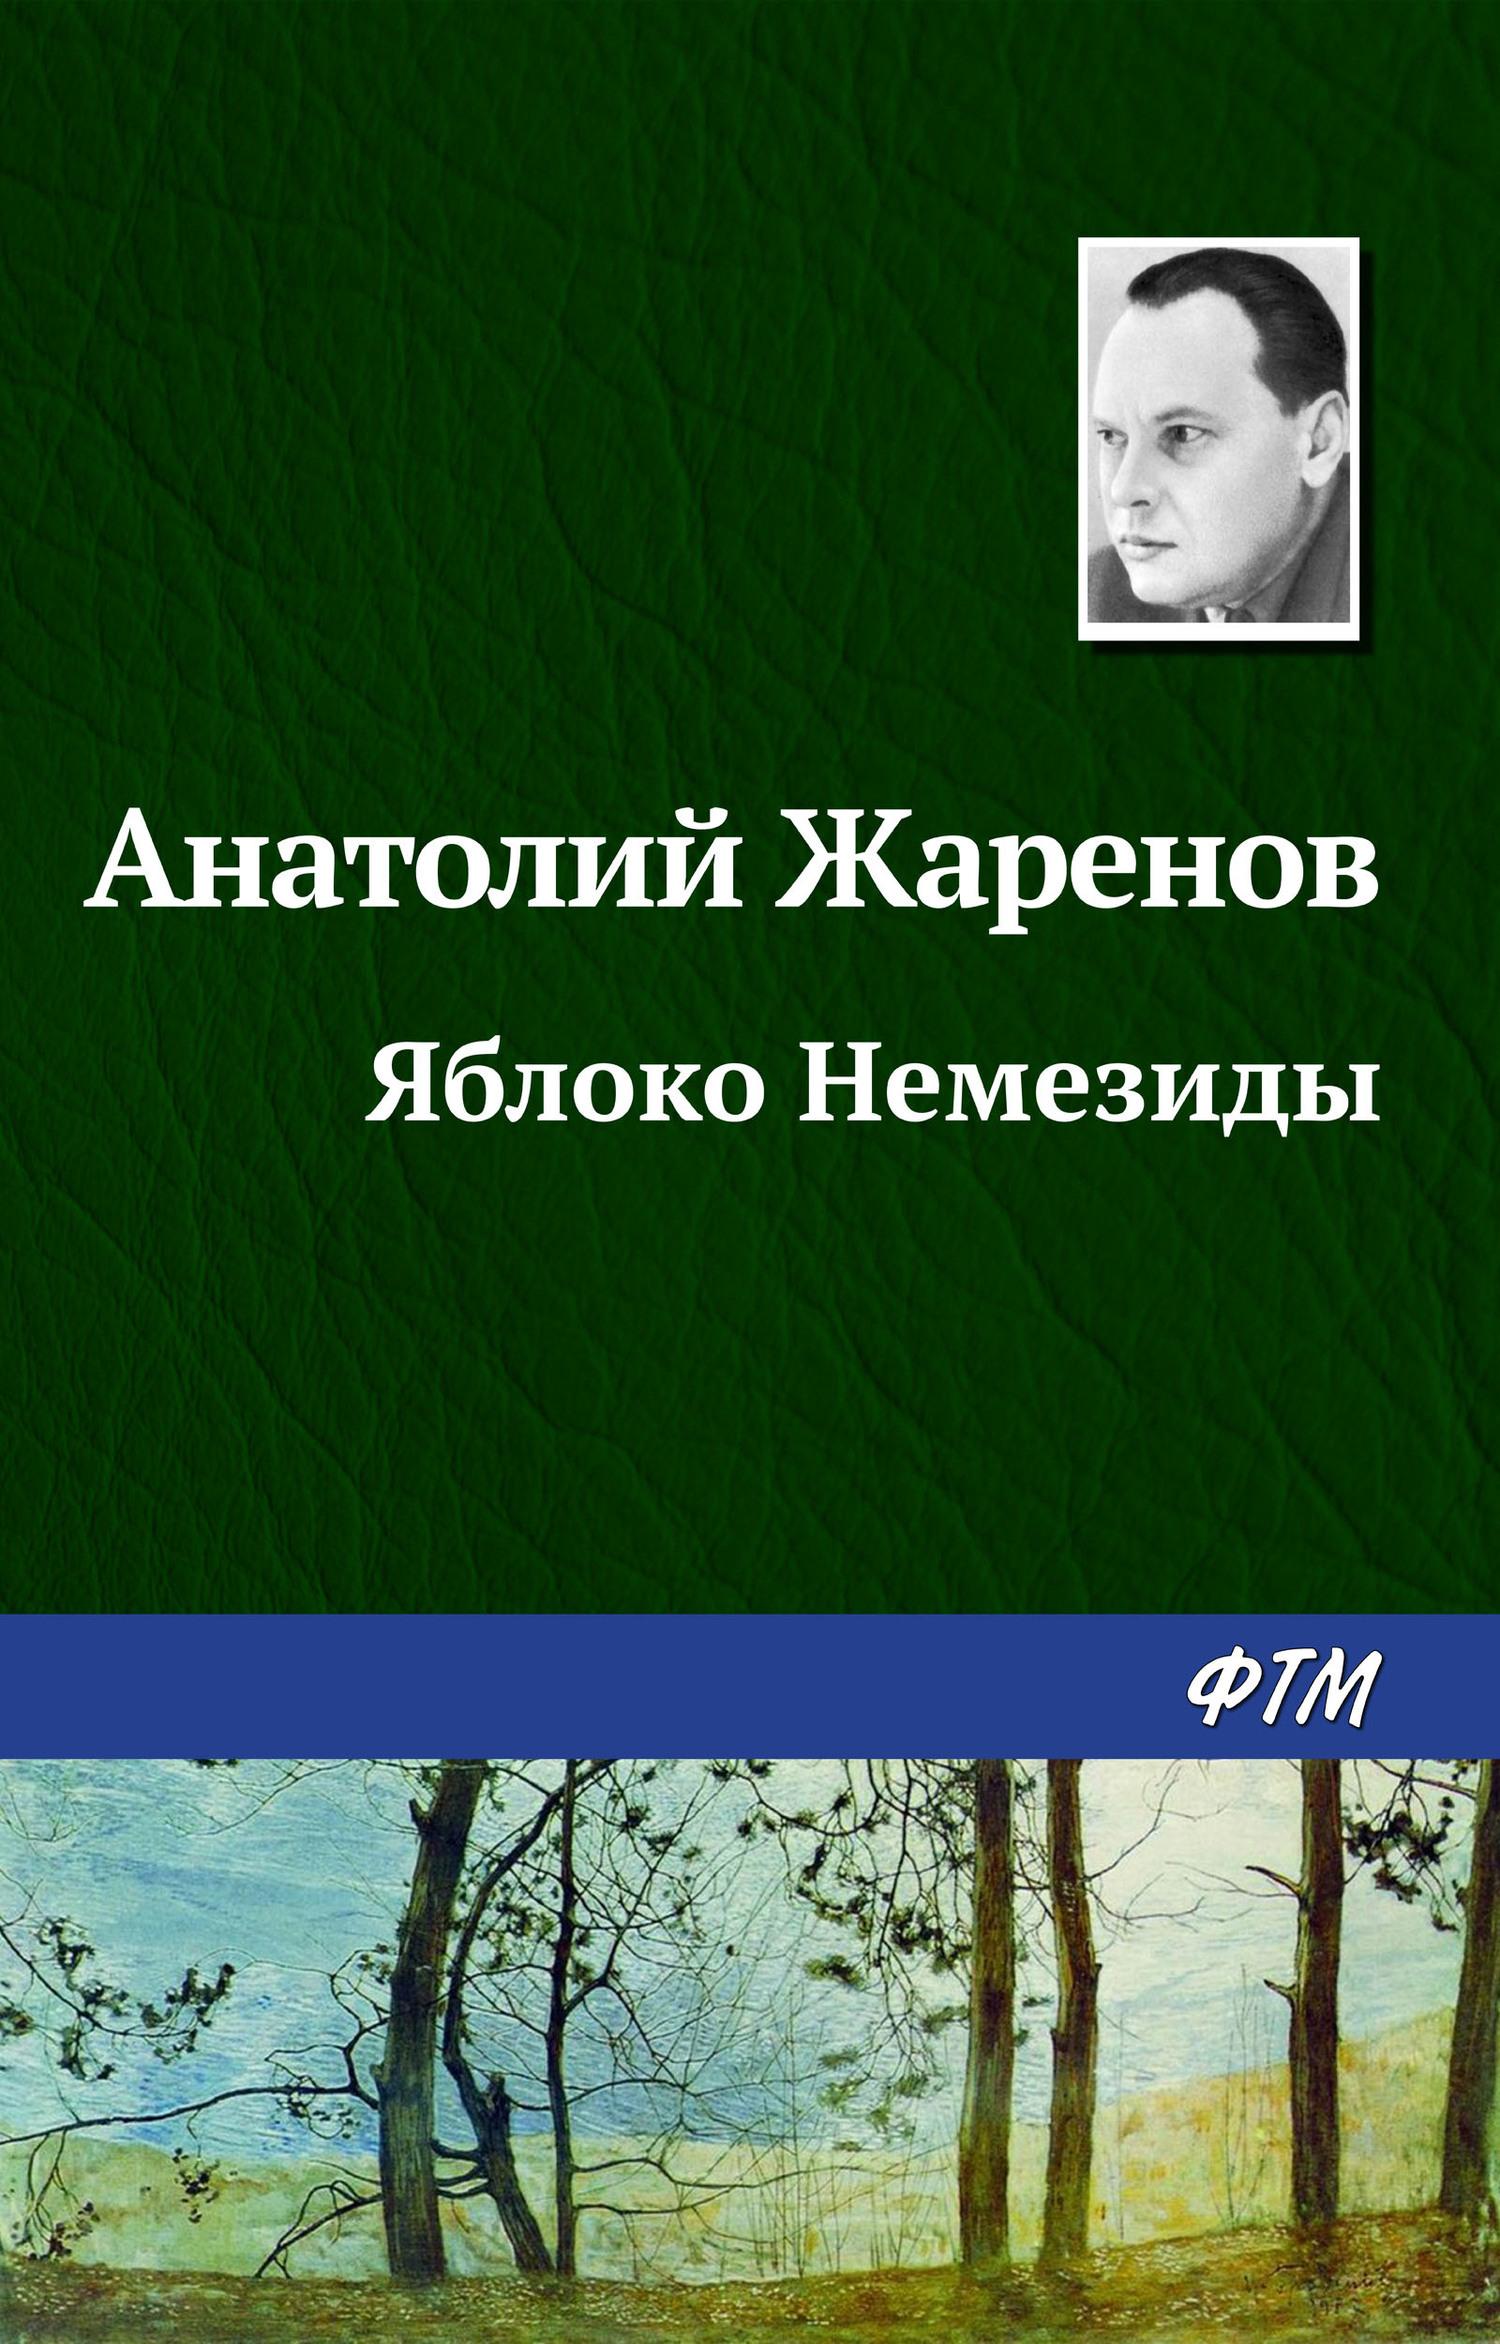 Анатолий Жаренов - Яблоко Немезиды